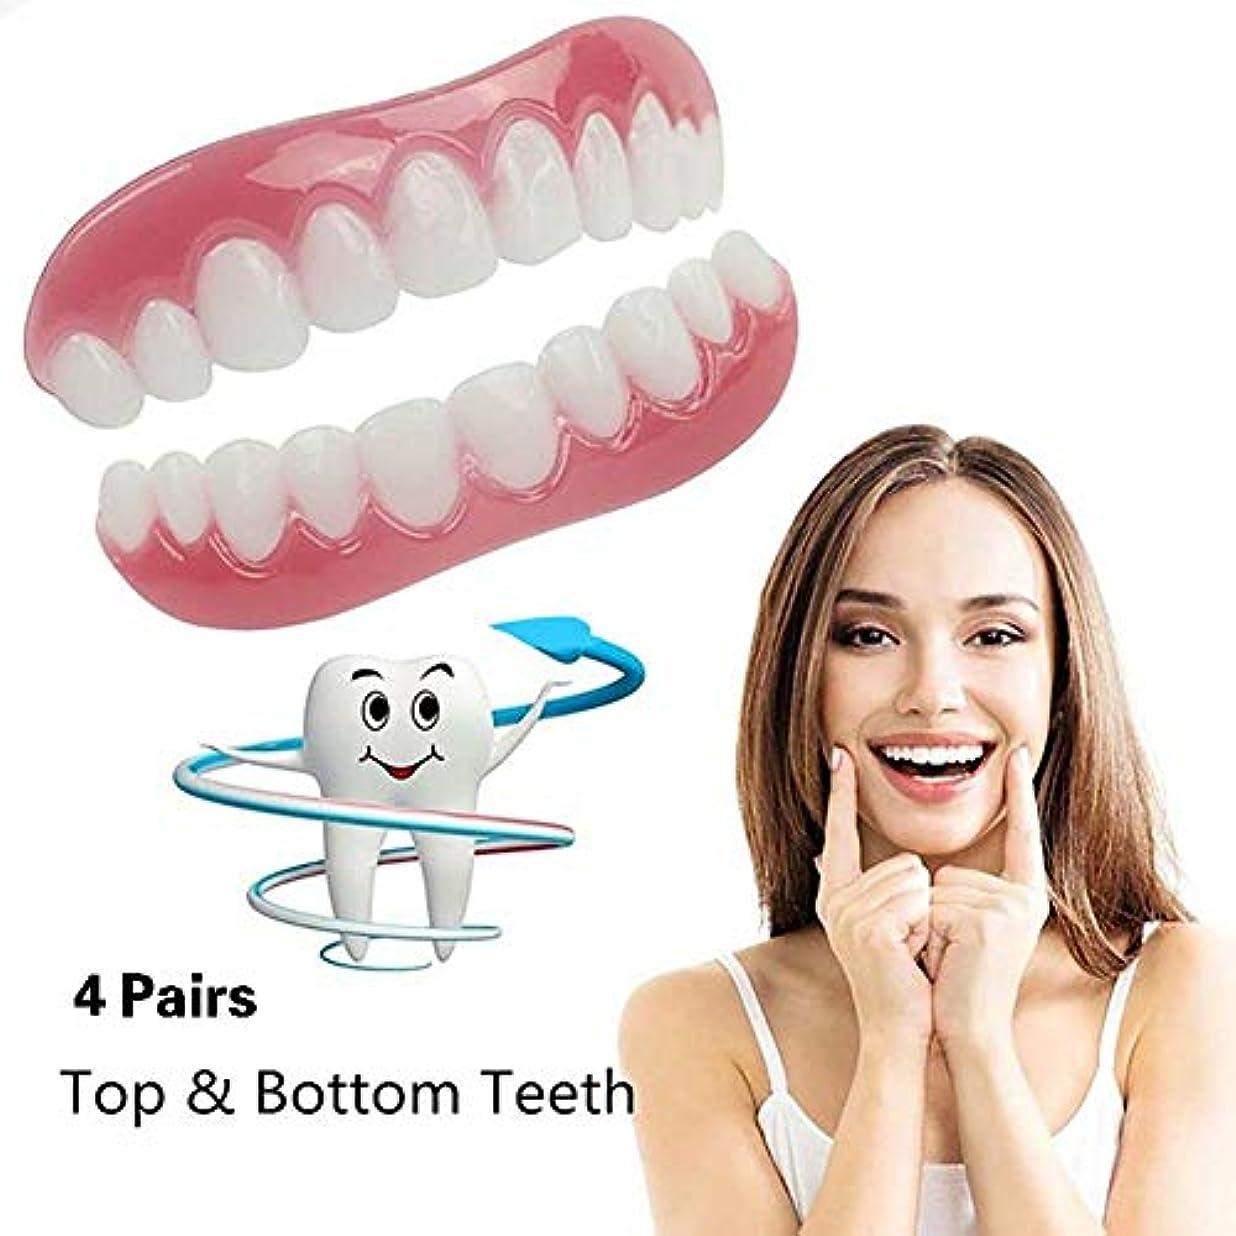 ブース補償同性愛者8本のシリコーンの歯のベニヤ化粧品の歯のスナップオンセキュアアッパーローフレックス歯科用ベニヤ義歯ケアホワイトニングパーフェクトトゥースワンサイズフィットすべて